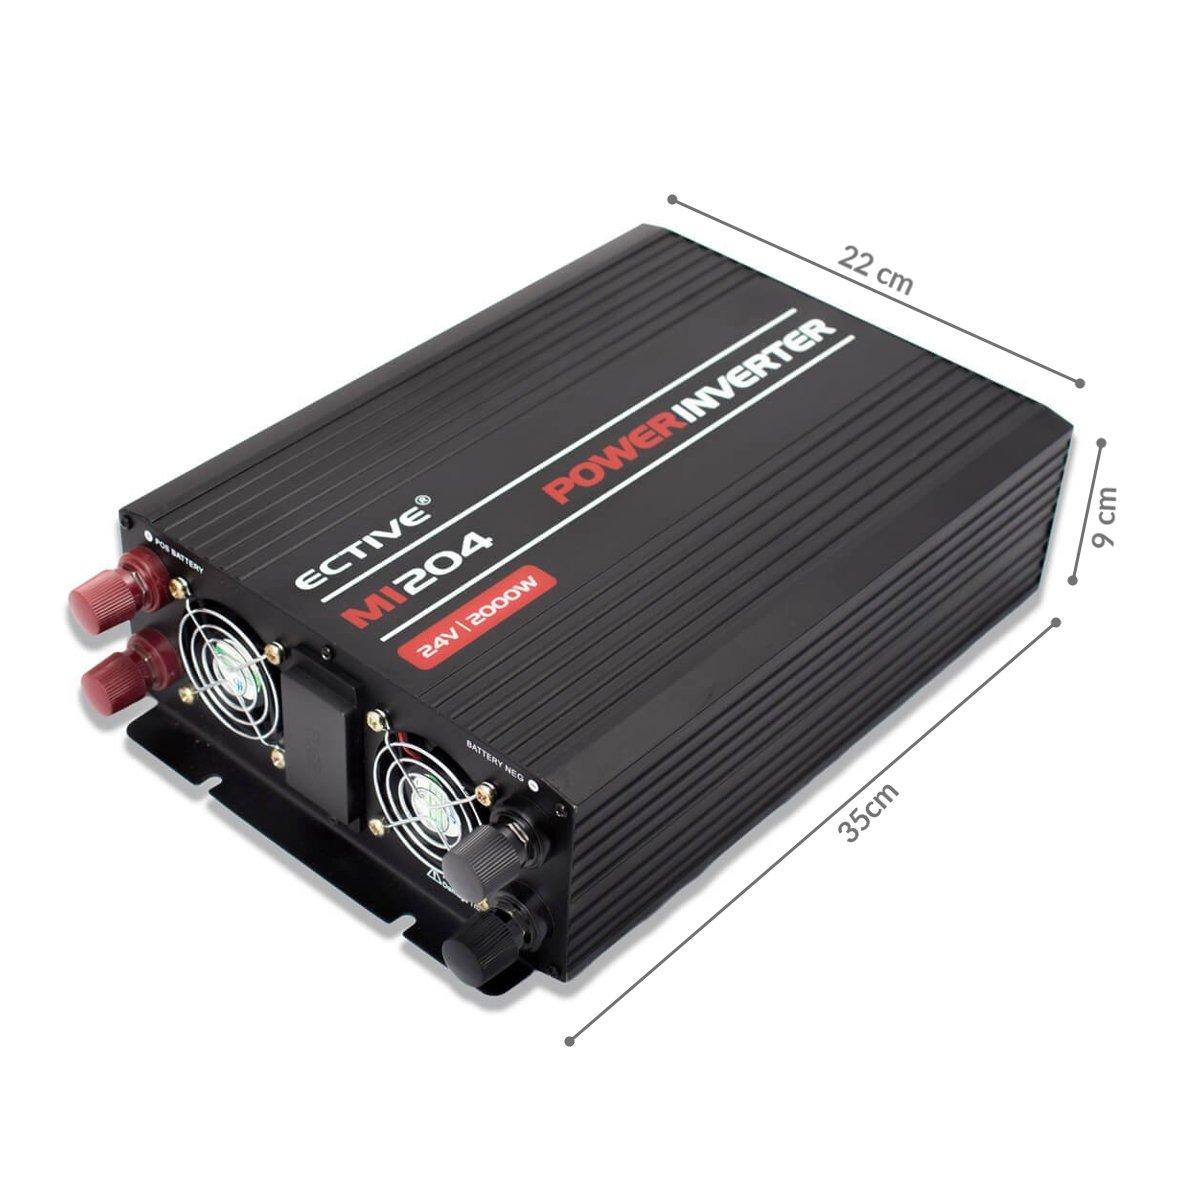 3000W ECTIVE MI-Serie Wechselrichter 1500W mit modifizierter Sinuswelle 48V zu 230V in 4 Varianten 300W